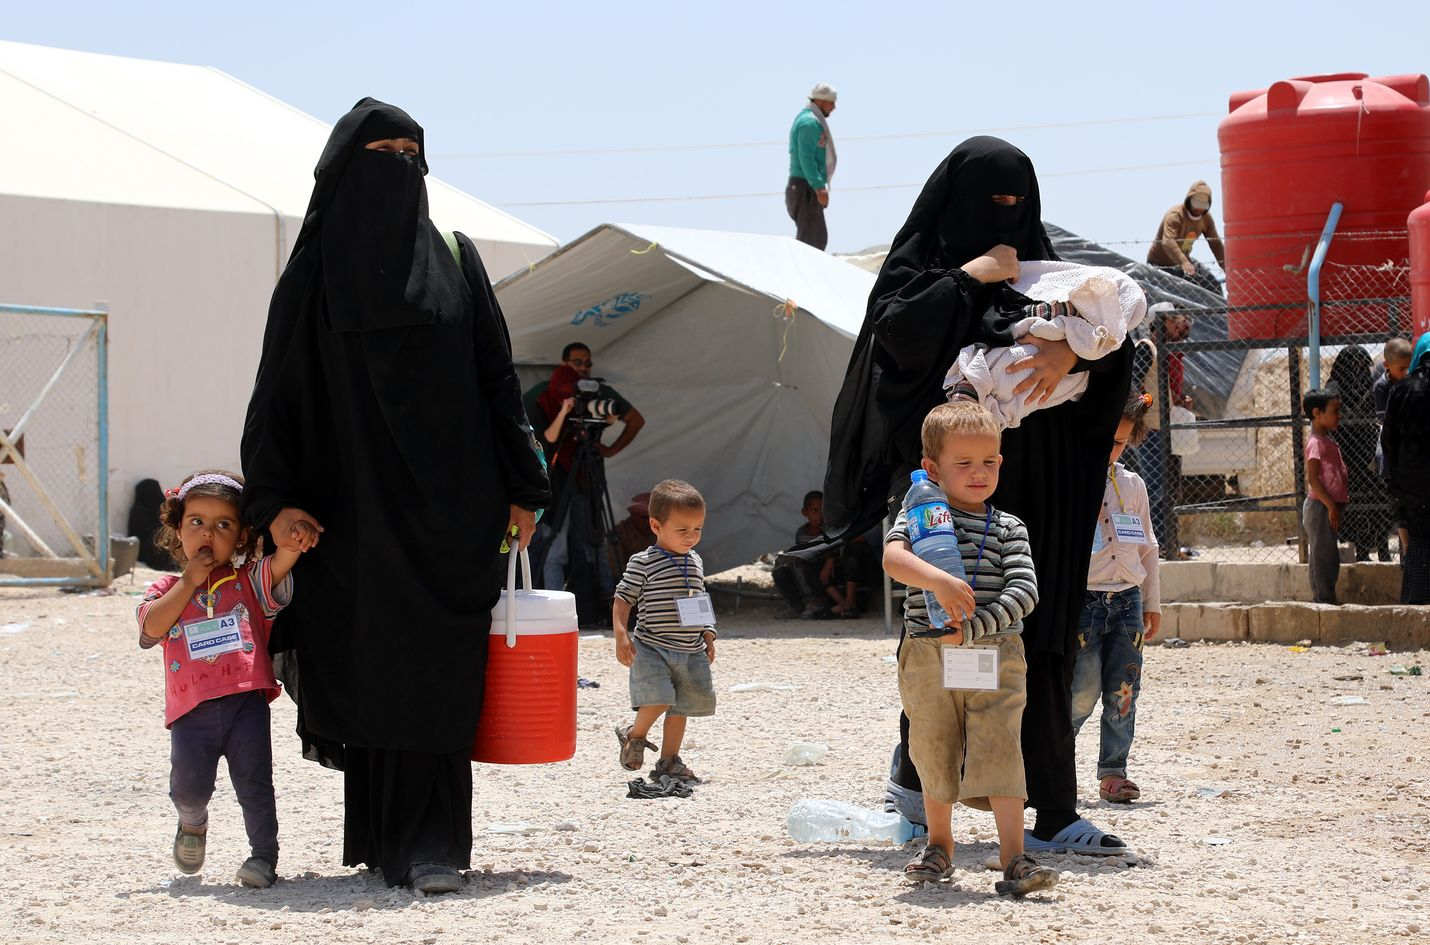 Terroristijärjestö Isisin taistelijoiden vaimot kävelit lasten kanssa Al-Holin leirissä Syyriassa 3. kesäkuuta vuonna 2019.